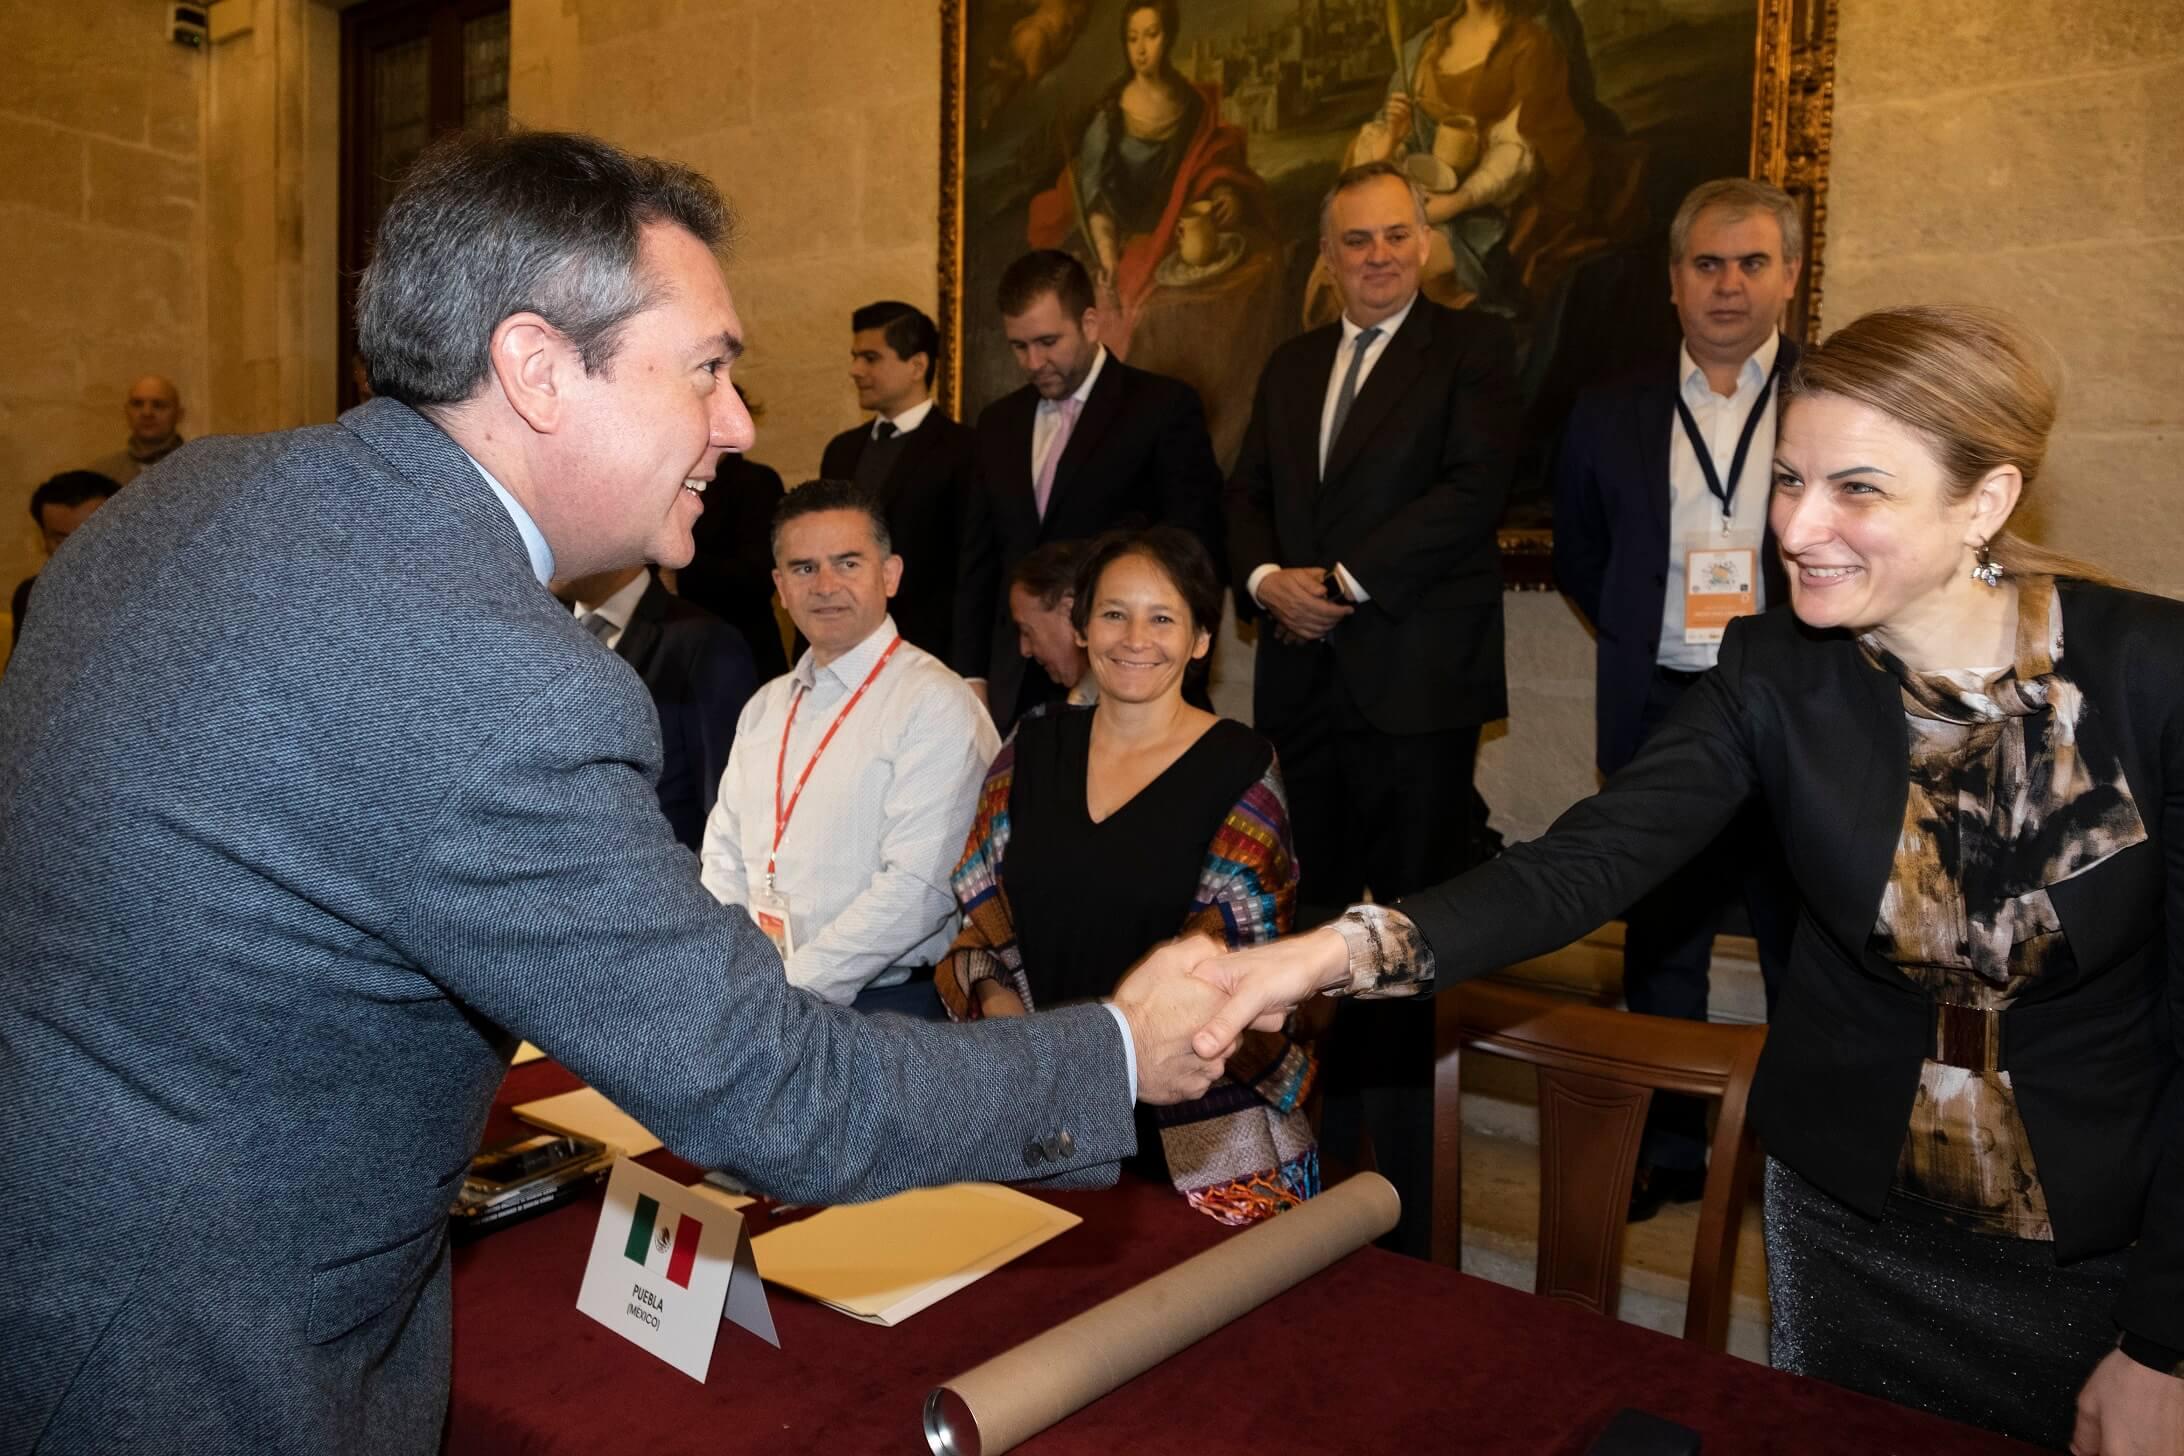 Градоначелница Сомбора Душанка Голубовић приликом представљања градоначелнику Севиље Хуану Еспадасу Сехасу